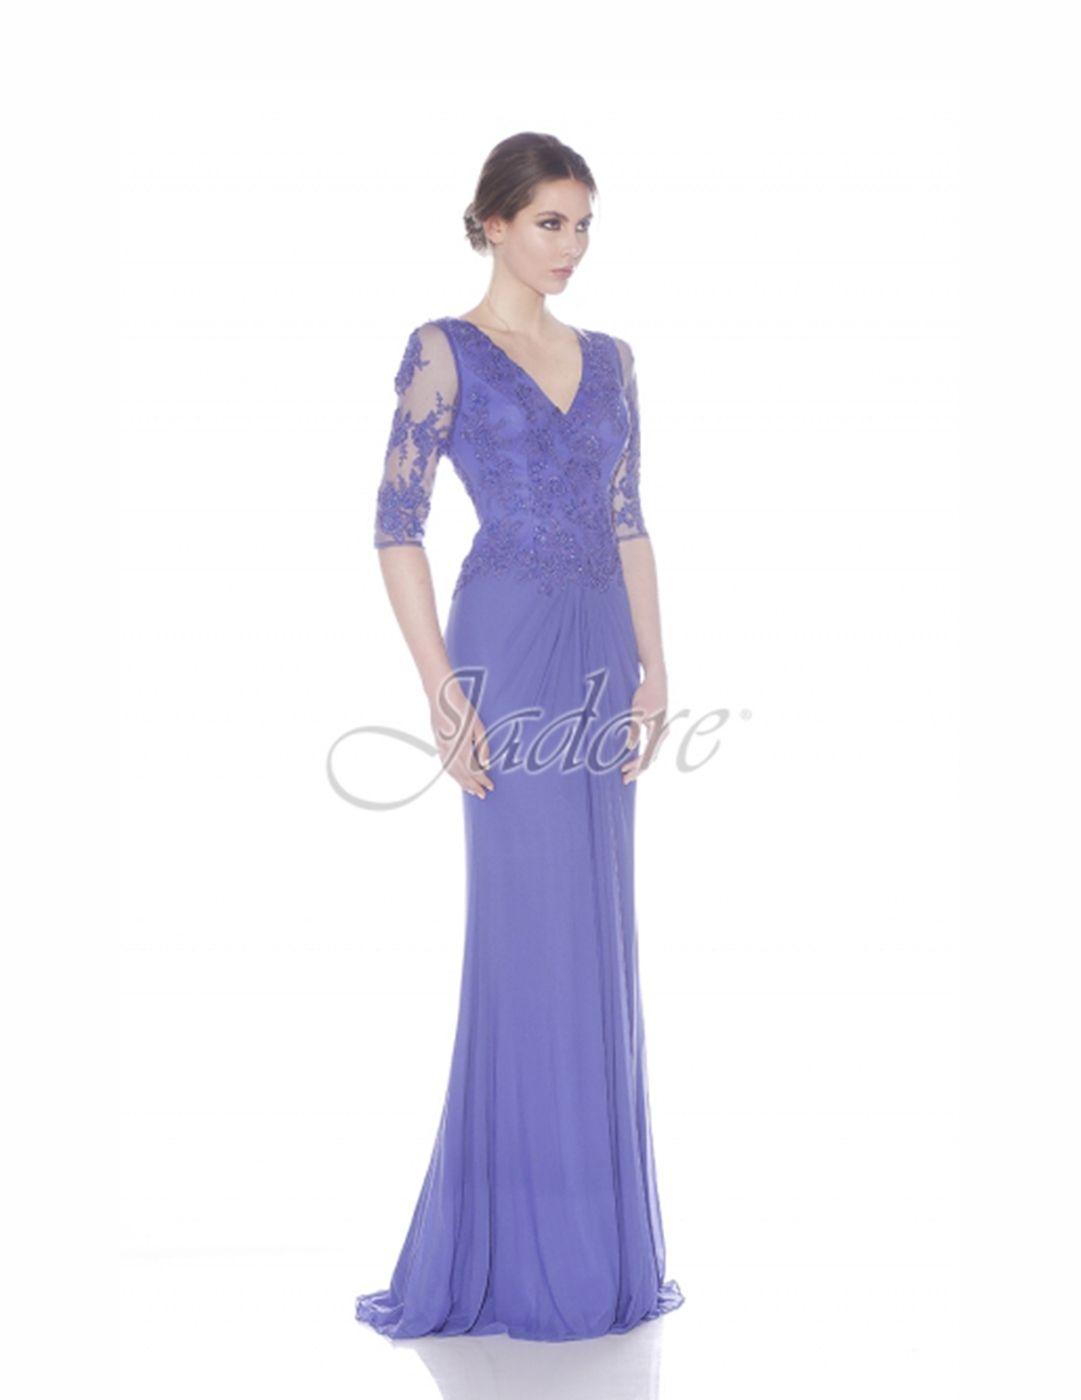 d968ce151d1 View Dress - Jadore J7 Collection - J7073